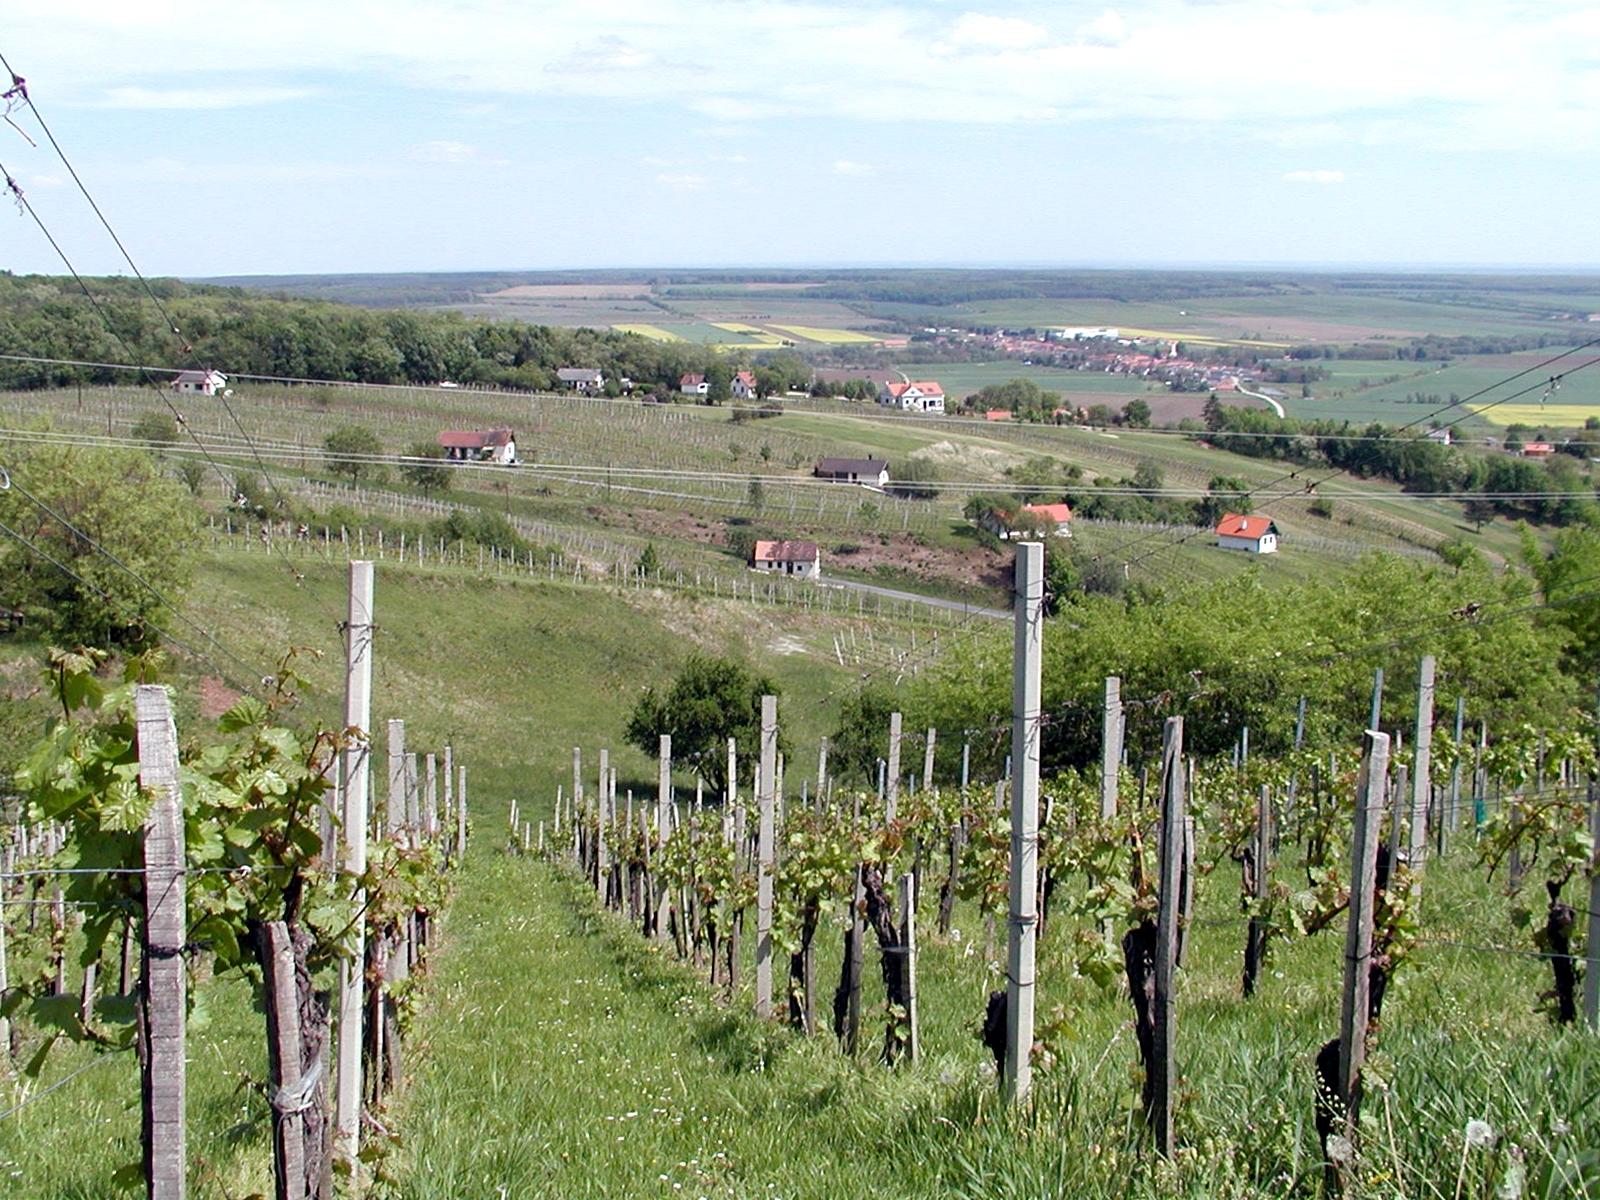 Szomszédolás: Bortavasz Dél-Burgenlandban, a határ mentén